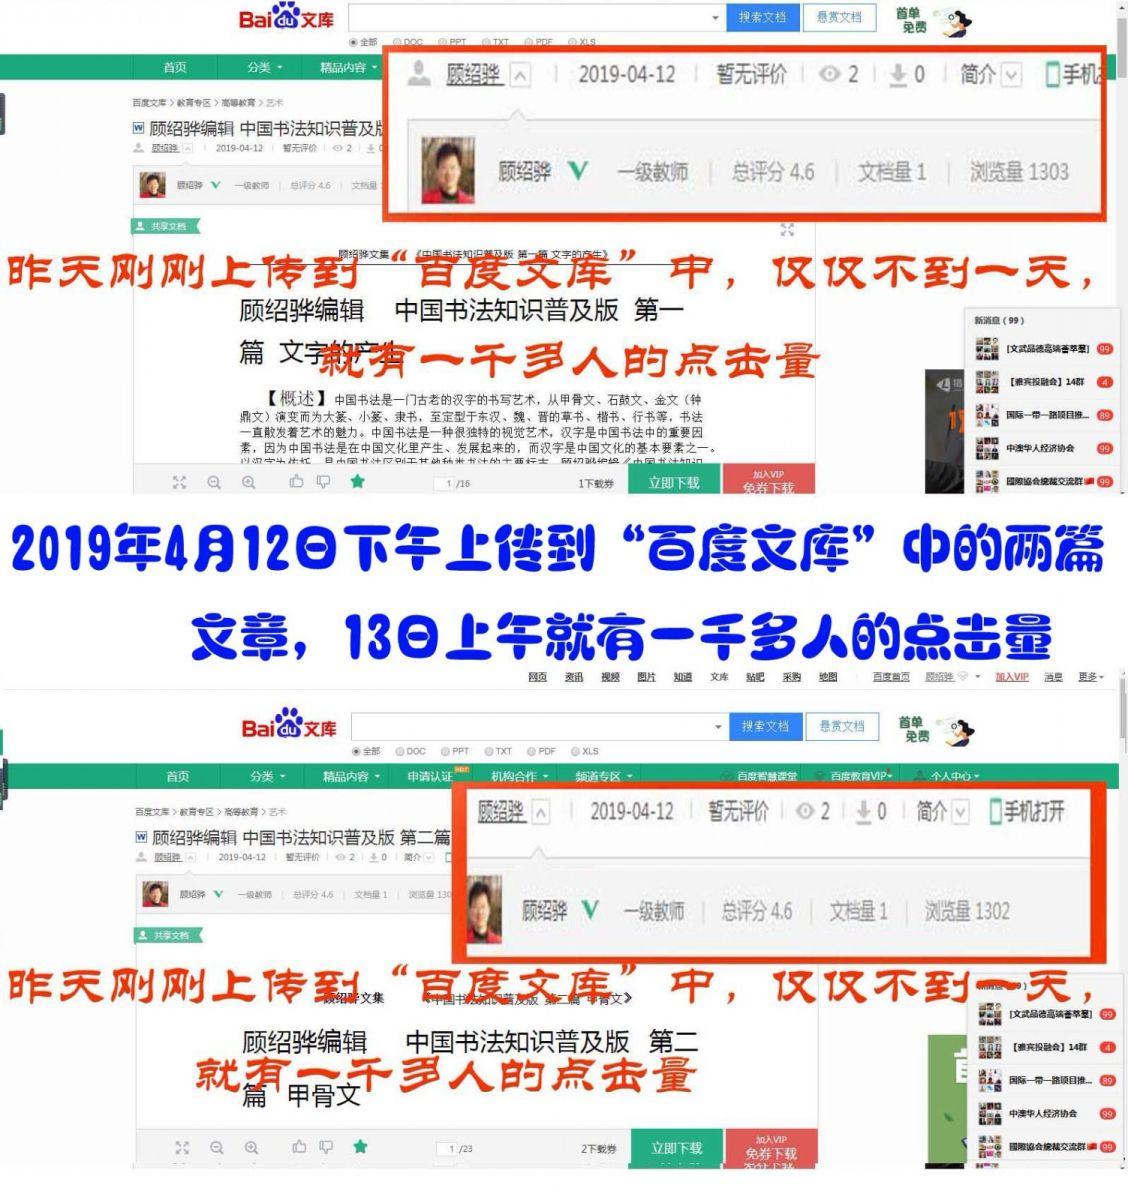 顾绍骅百度文库里文章受推崇_图1-2